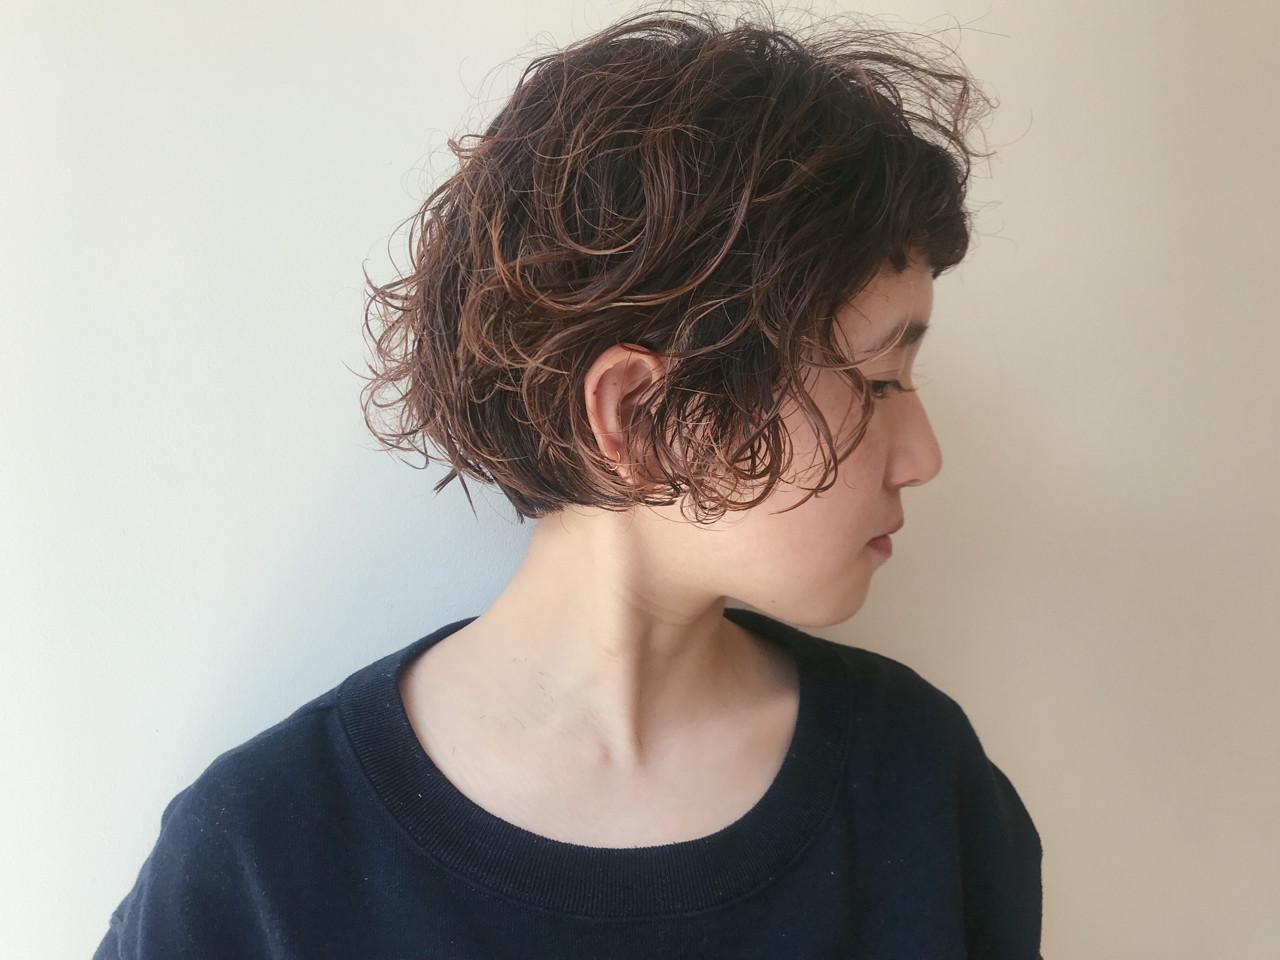 ナチュラル ショート パーマ 前下がり ヘアスタイルや髪型の写真・画像 | 仙頭郁弥 / LIM+LIM